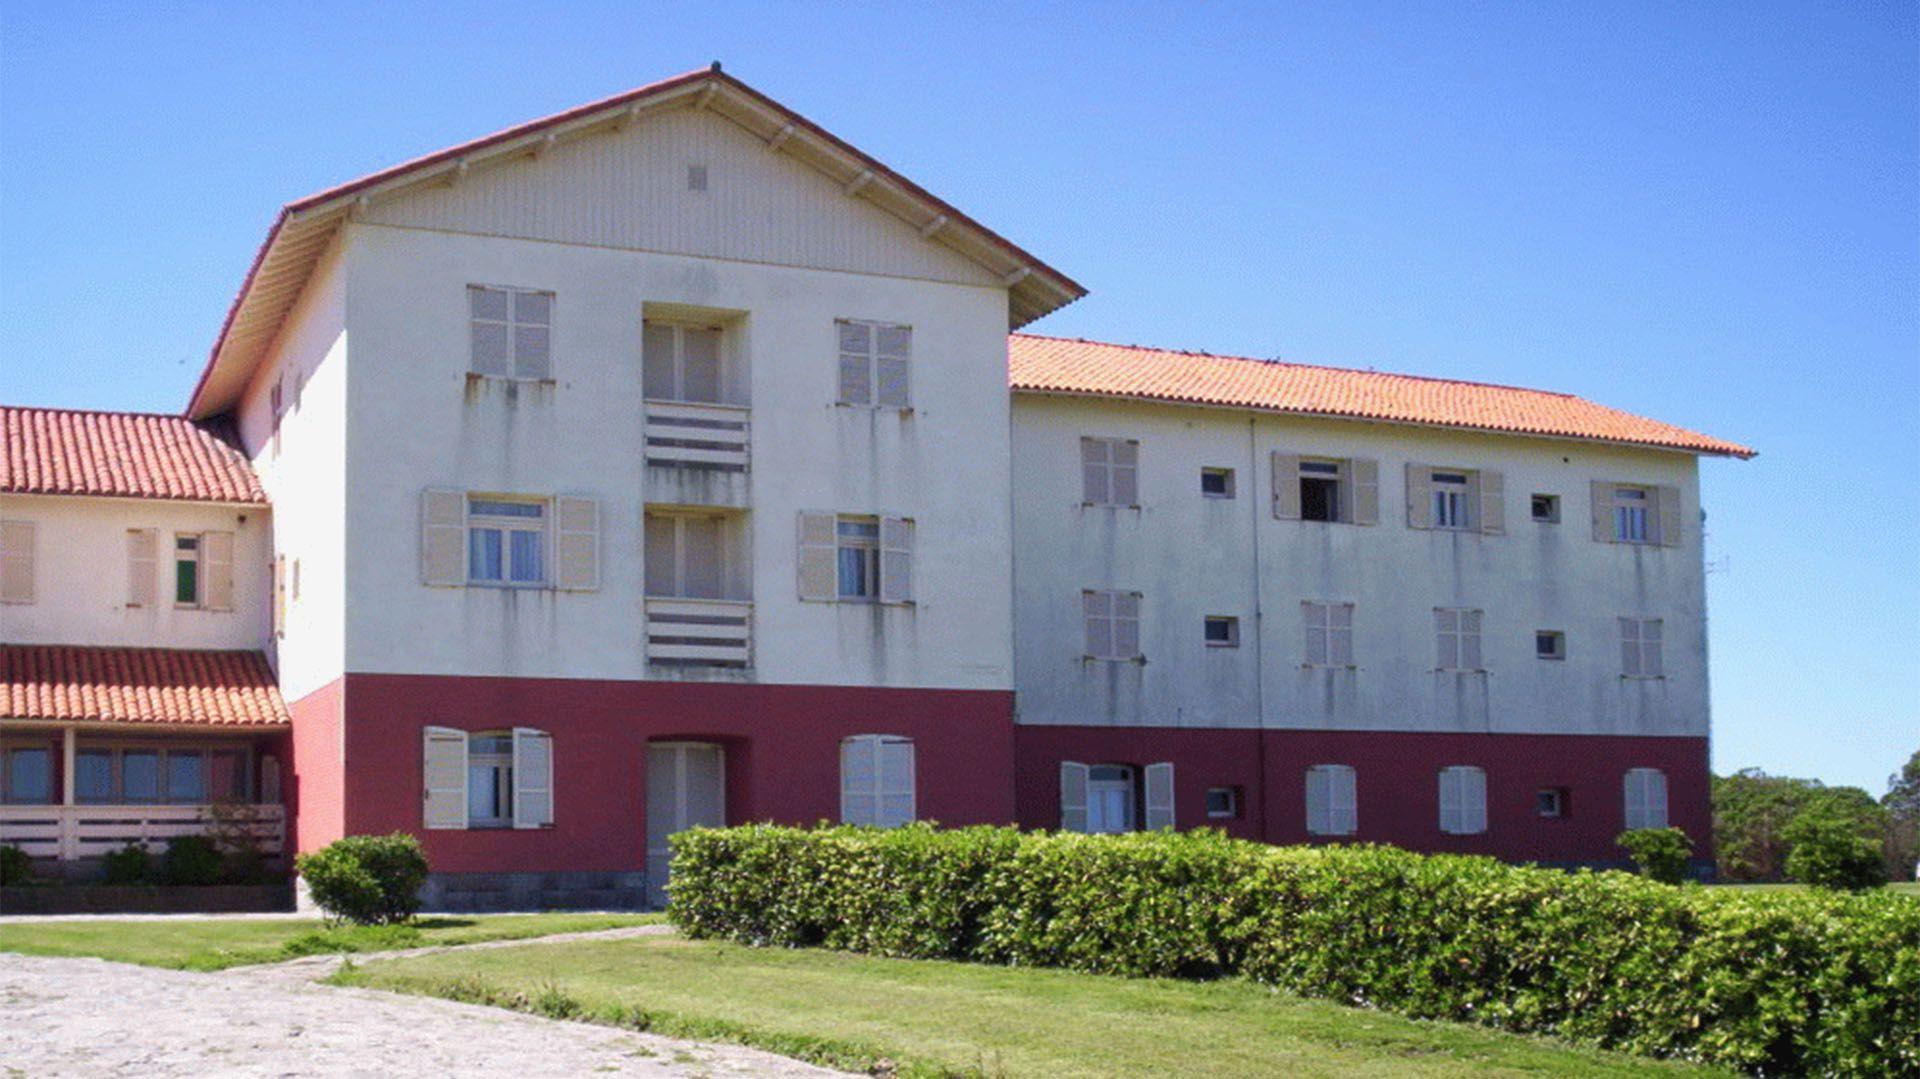 La residencia presidencial está ubicada a 25 kilómetros de la ciudad de Mar del Plata